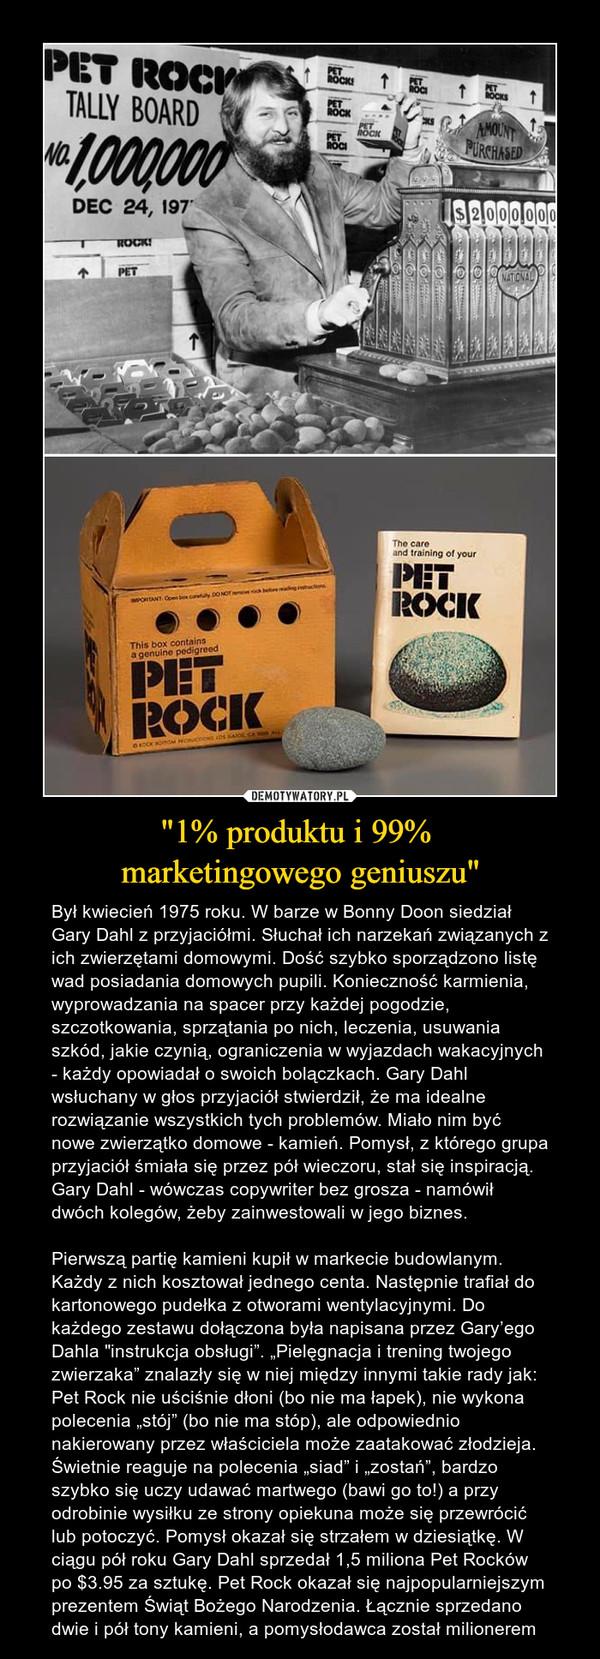 """""""1% produktu i 99% marketingowego geniuszu"""" – Był kwiecień 1975 roku. W barze w Bonny Doon siedział Gary Dahl z przyjaciółmi. Słuchał ich narzekań związanych z ich zwierzętami domowymi. Dość szybko sporządzono listę wad posiadania domowych pupili. Konieczność karmienia, wyprowadzania na spacer przy każdej pogodzie, szczotkowania, sprzątania po nich, leczenia, usuwania szkód, jakie czynią, ograniczenia w wyjazdach wakacyjnych - każdy opowiadał o swoich bolączkach. Gary Dahl wsłuchany w głos przyjaciół stwierdził, że ma idealne rozwiązanie wszystkich tych problemów. Miało nim być nowe zwierzątko domowe - kamień. Pomysł, z którego grupa przyjaciół śmiała się przez pół wieczoru, stał się inspiracją. Gary Dahl - wówczas copywriter bez grosza - namówił dwóch kolegów, żeby zainwestowali w jego biznes. Pierwszą partię kamieni kupił w markecie budowlanym. Każdy z nich kosztował jednego centa. Następnie trafiał do kartonowego pudełka z otworami wentylacyjnymi. Do każdego zestawu dołączona była napisana przez Gary'ego Dahla """"instrukcja obsługi"""". """"Pielęgnacja i trening twojego zwierzaka"""" znalazły się w niej między innymi takie rady jak: Pet Rock nie uściśnie dłoni (bo nie ma łapek), nie wykona polecenia """"stój"""" (bo nie ma stóp), ale odpowiednio nakierowany przez właściciela może zaatakować złodzieja. Świetnie reaguje na polecenia """"siad"""" i """"zostań"""", bardzo szybko się uczy udawać martwego (bawi go to!) a przy odrobinie wysiłku ze strony opiekuna może się przewrócić lub potoczyć. Pomysł okazał się strzałem w dziesiątkę. W ciągu pół roku Gary Dahl sprzedał 1,5 miliona Pet Rocków po $3.95 za sztukę. Pet Rock okazał się najpopularniejszym prezentem Świąt Bożego Narodzenia. Łącznie sprzedano dwie i pół tony kamieni, a pomysłodawca został milionerem"""